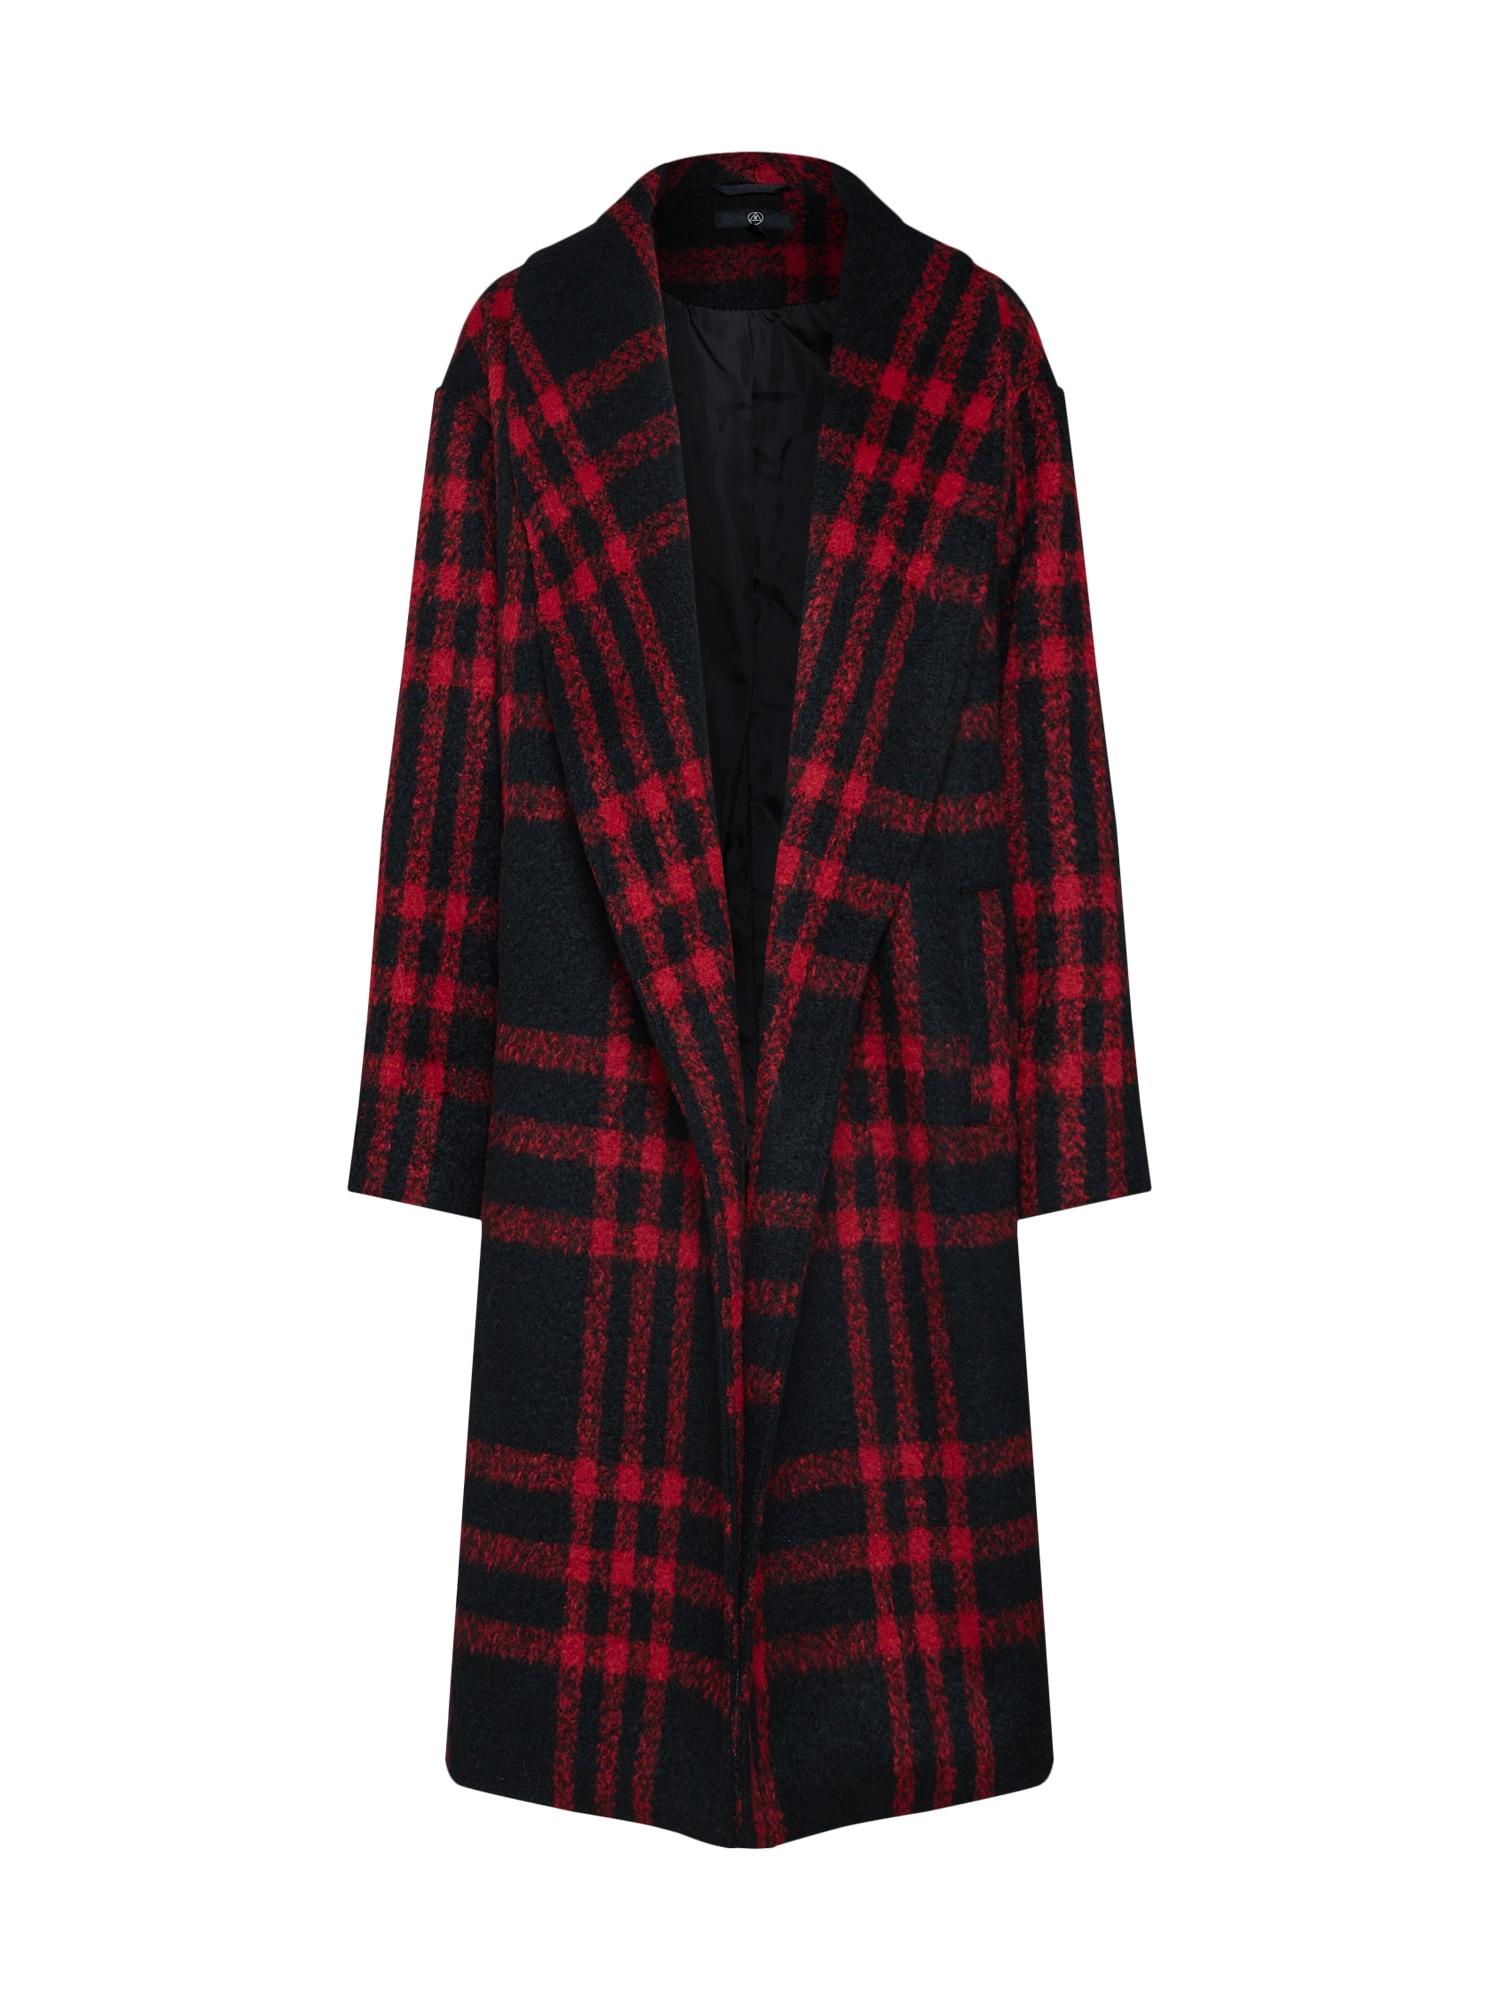 Přechodný kabát Check Shawl Collar Coat červená černá Missguided